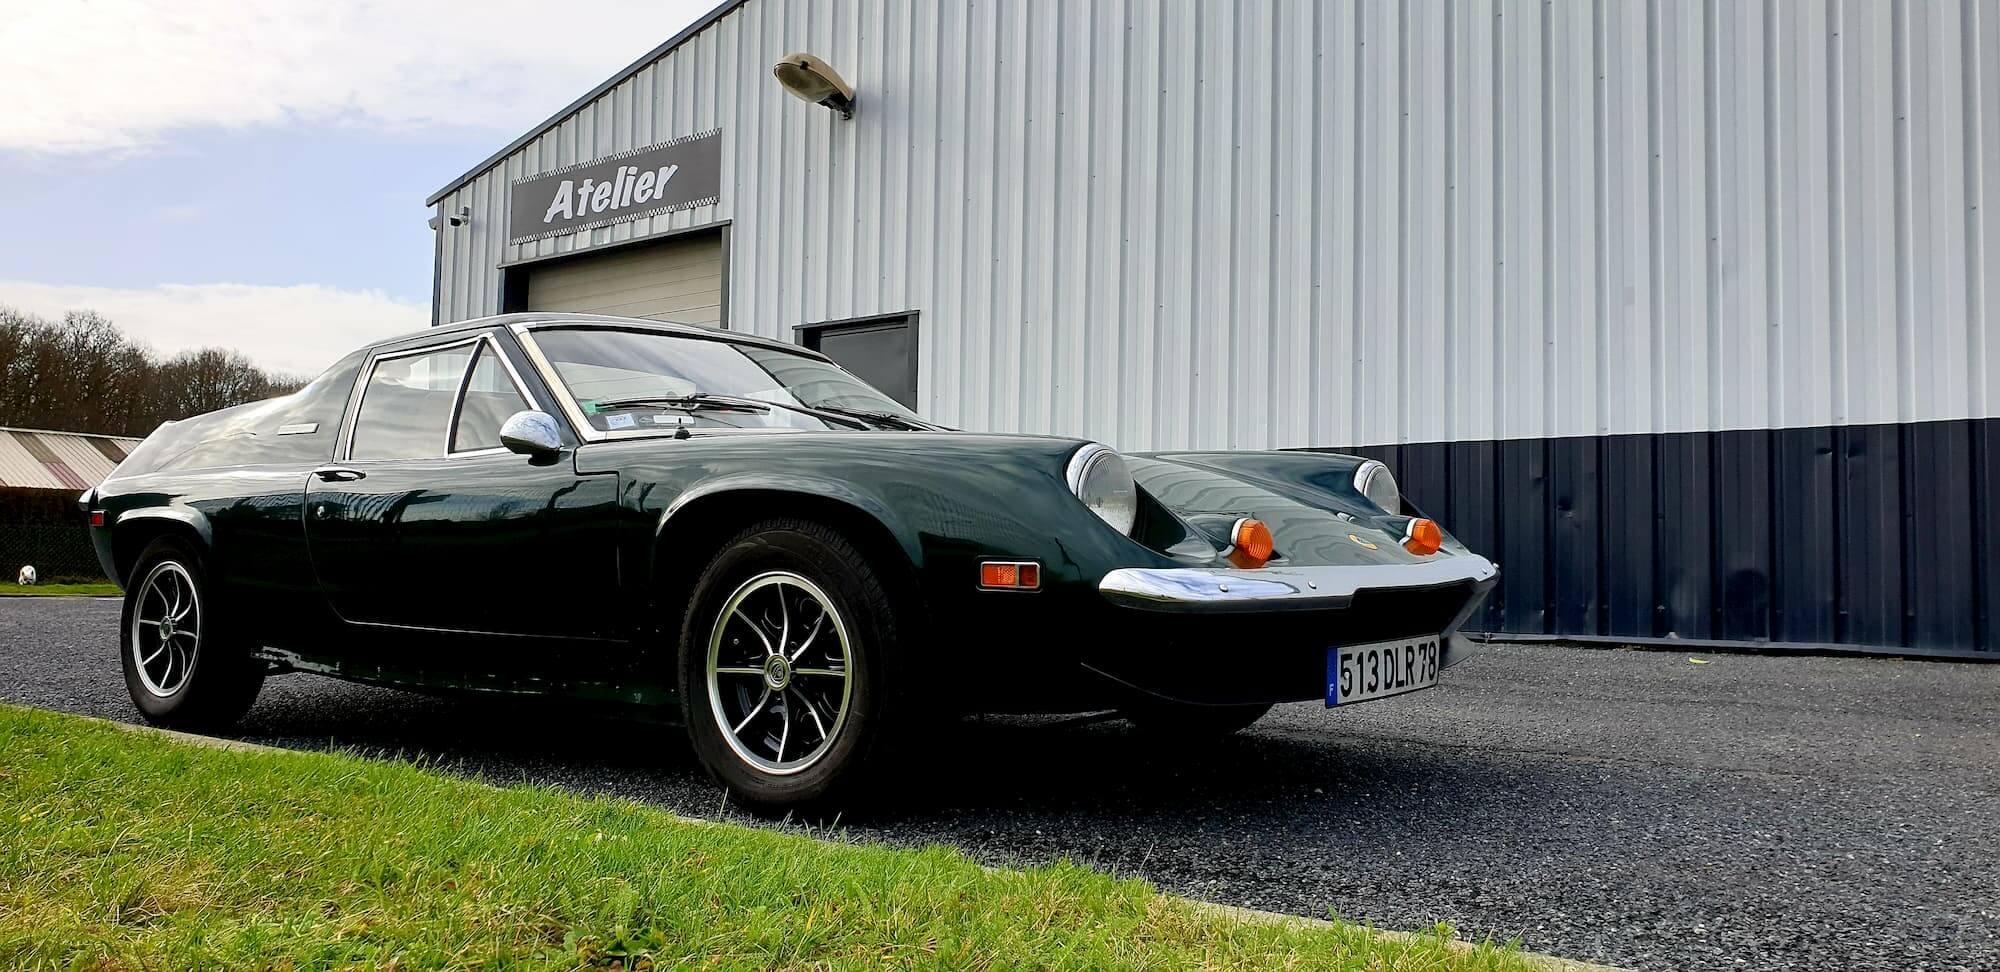 Lotus Europa - Vintage cars et restauration de voitures anciennes